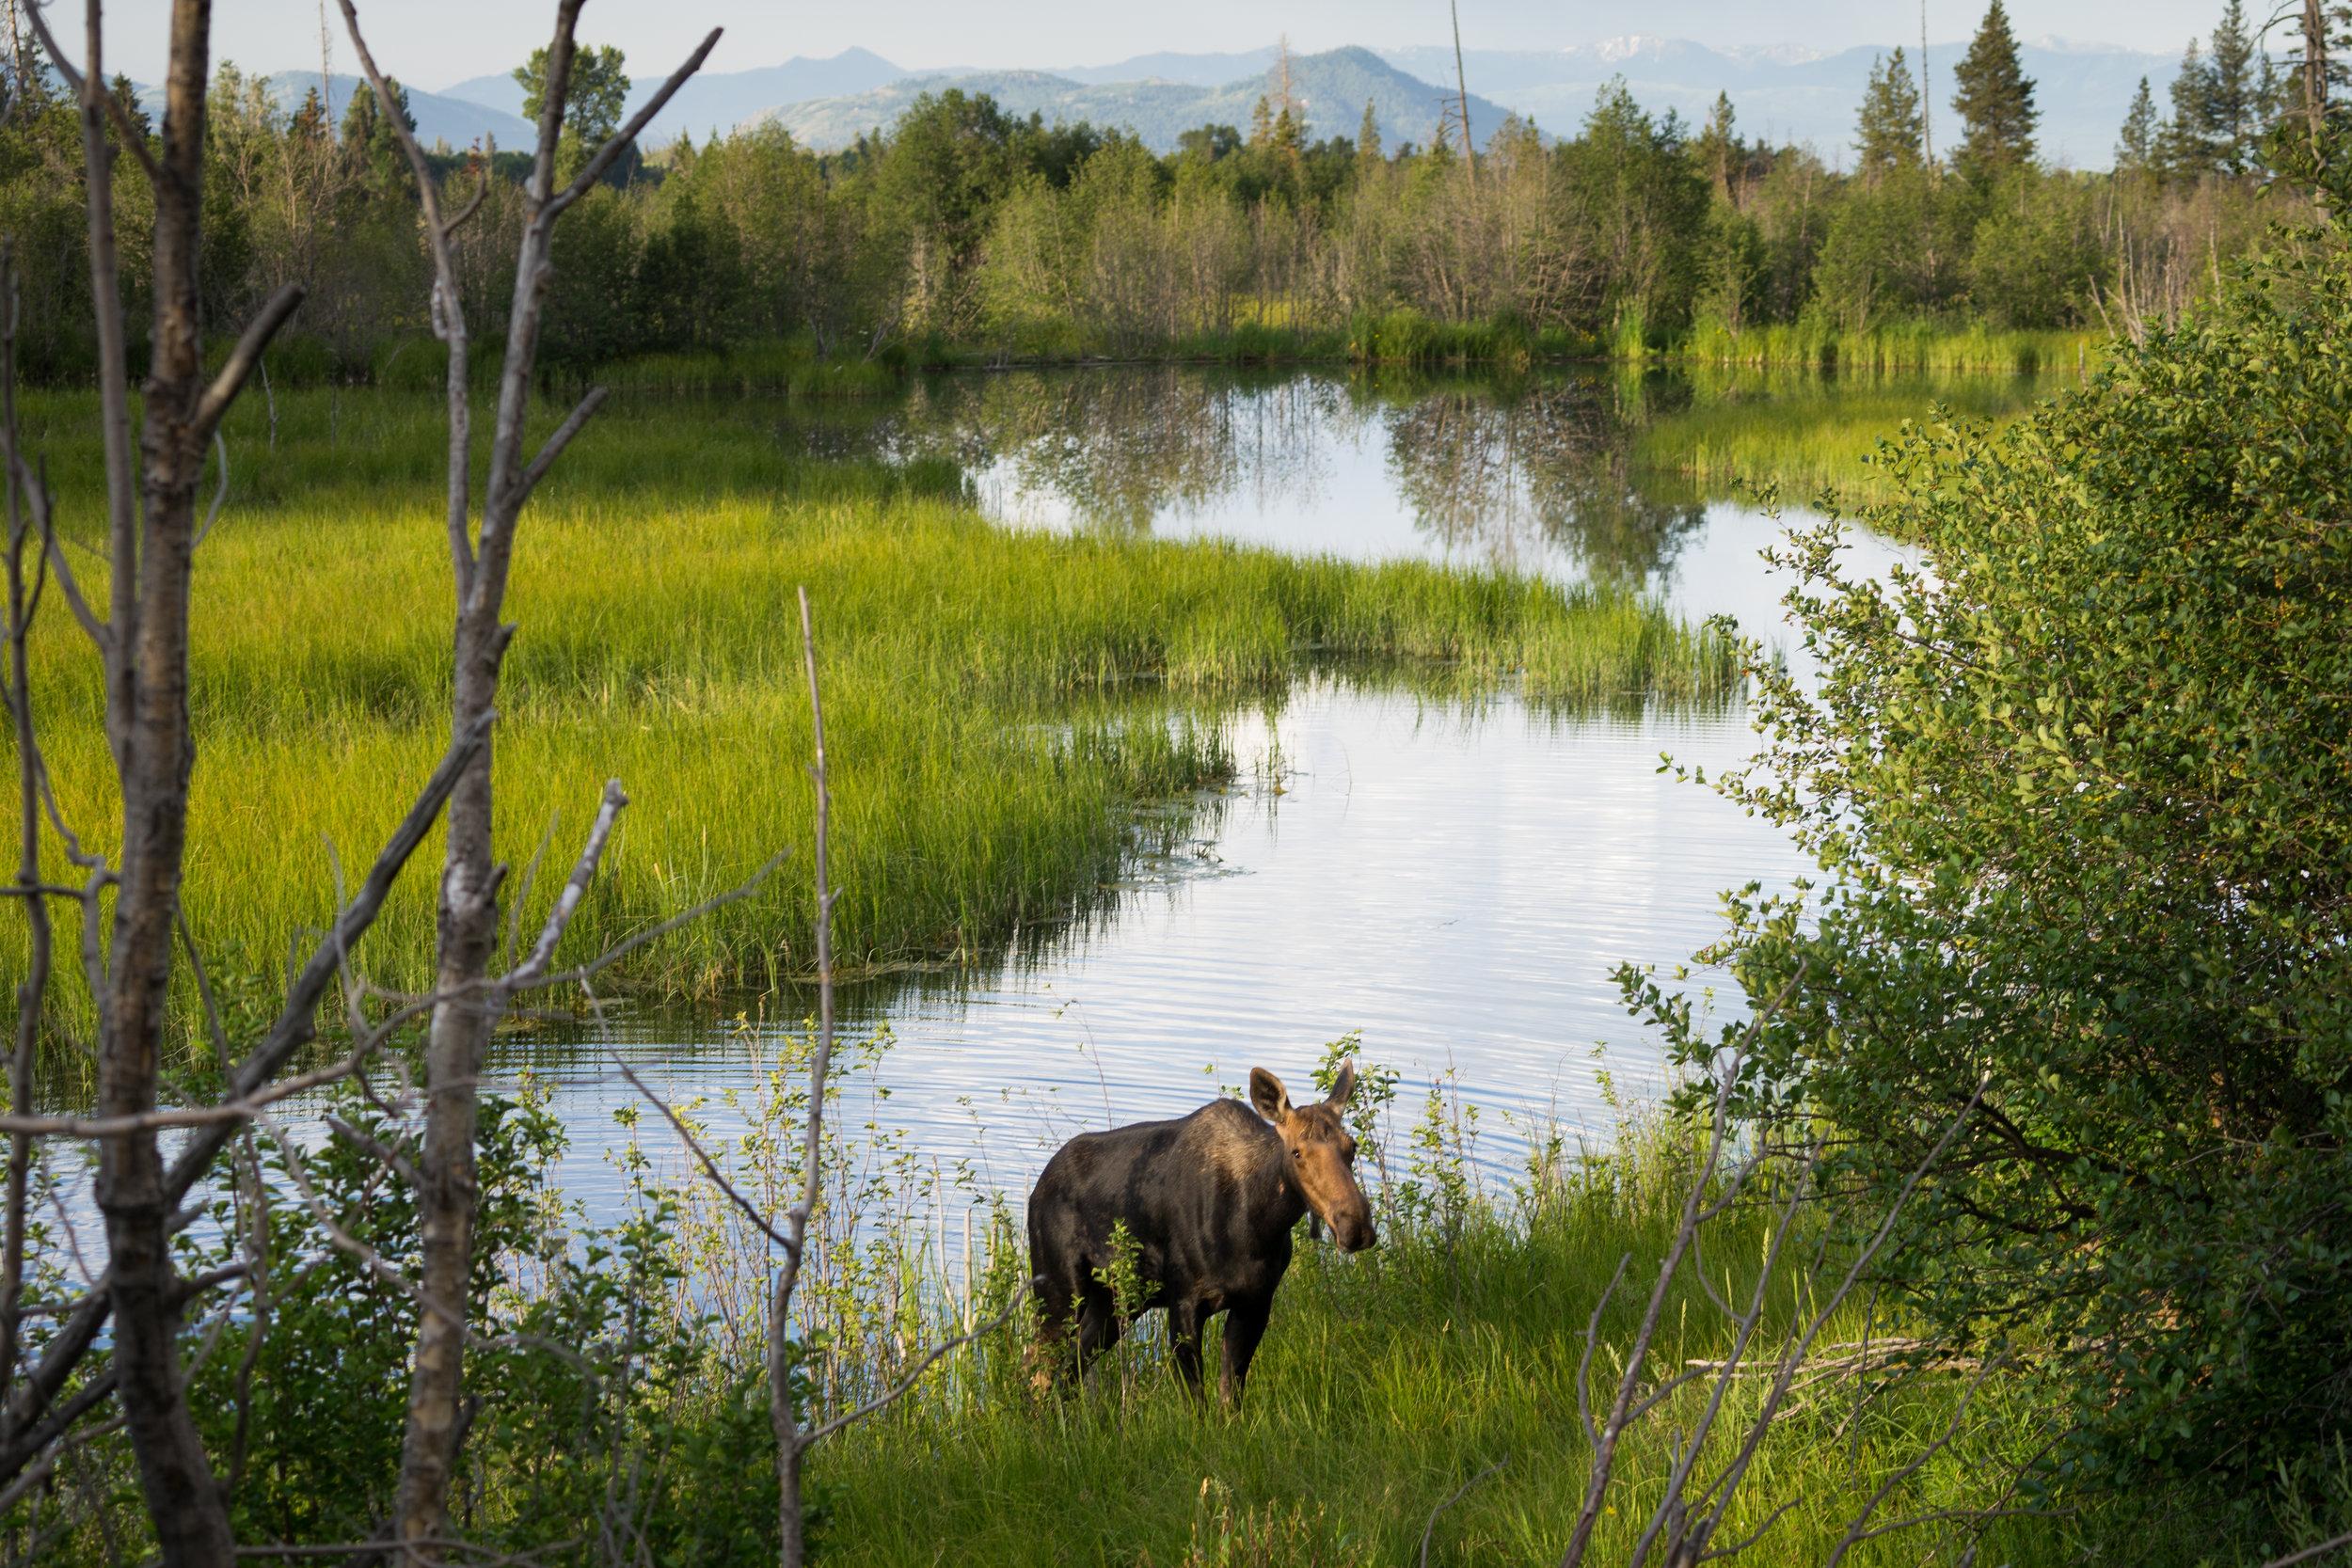 Moose near Moose, WY